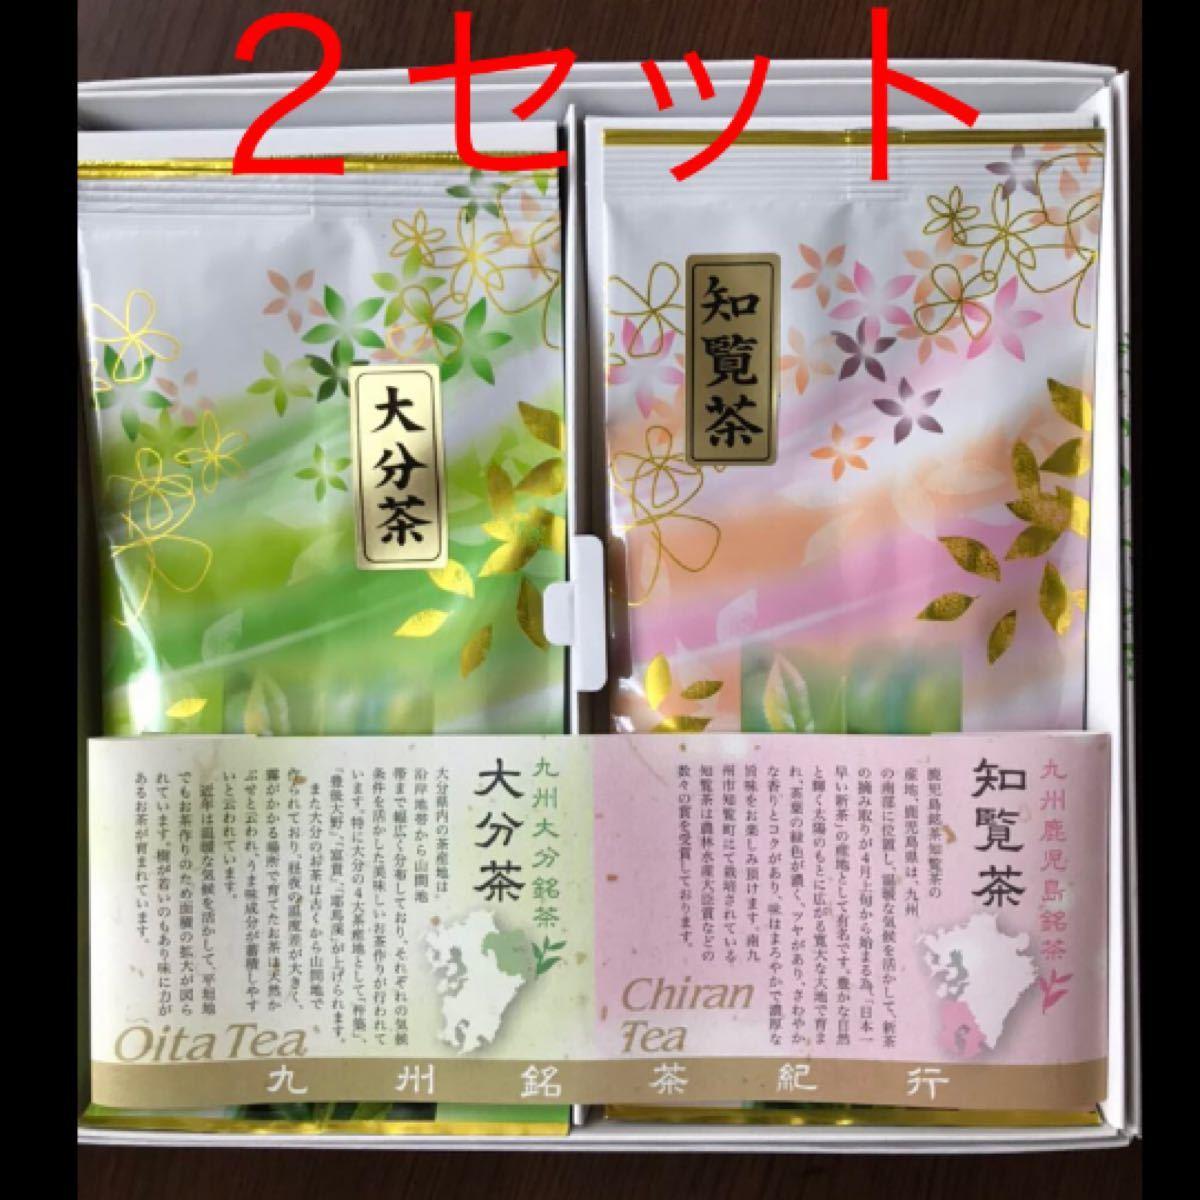 緑茶◆煎茶◆深蒸し茶◆知覧茶◆大分茶◆2セット